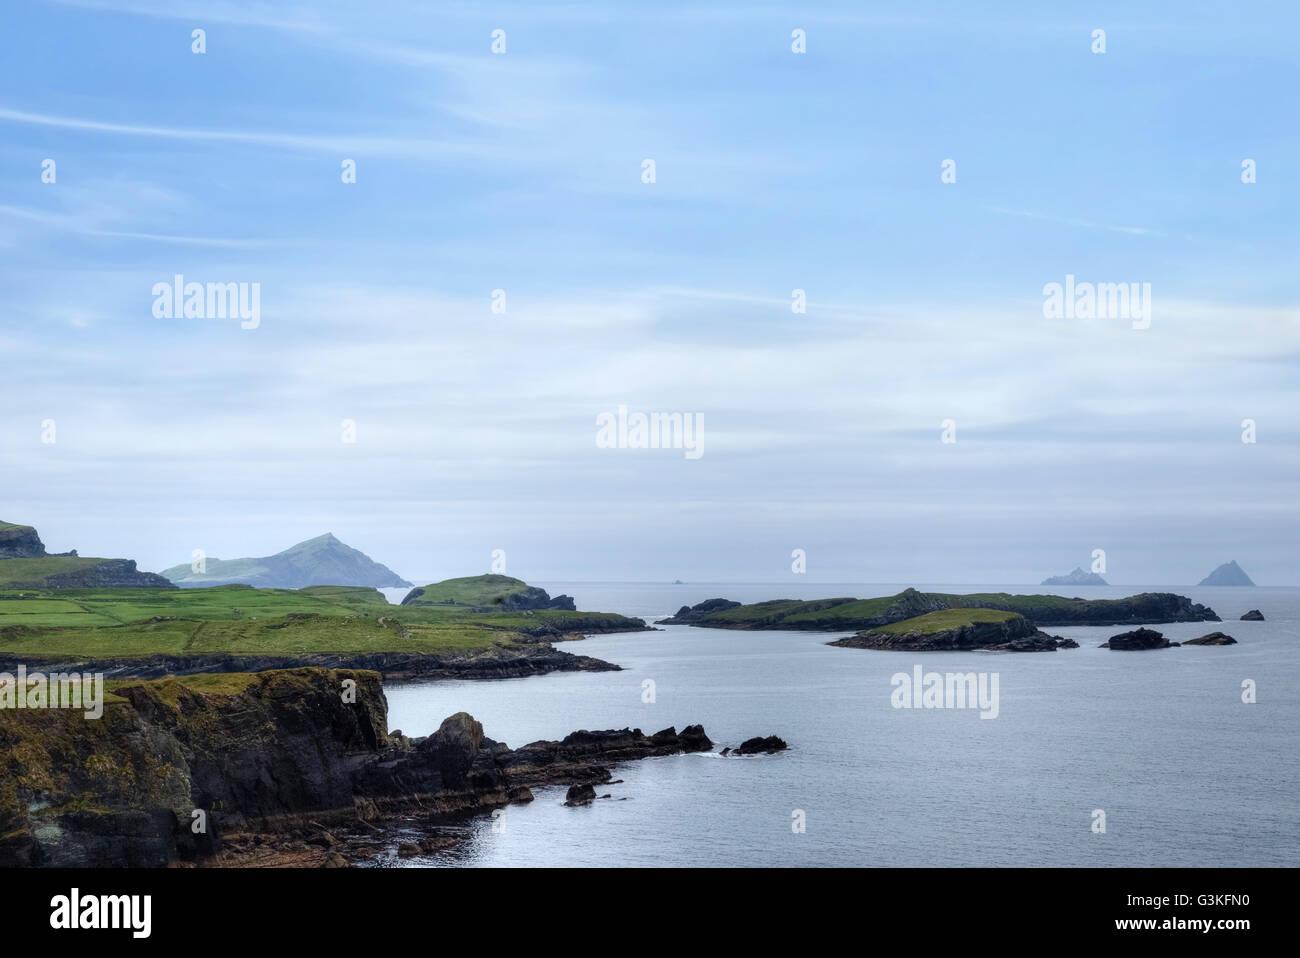 Valentia Island, Iveragh Peninsula, Skellig Ring, Kerry, Ireland, Europe - Stock Image